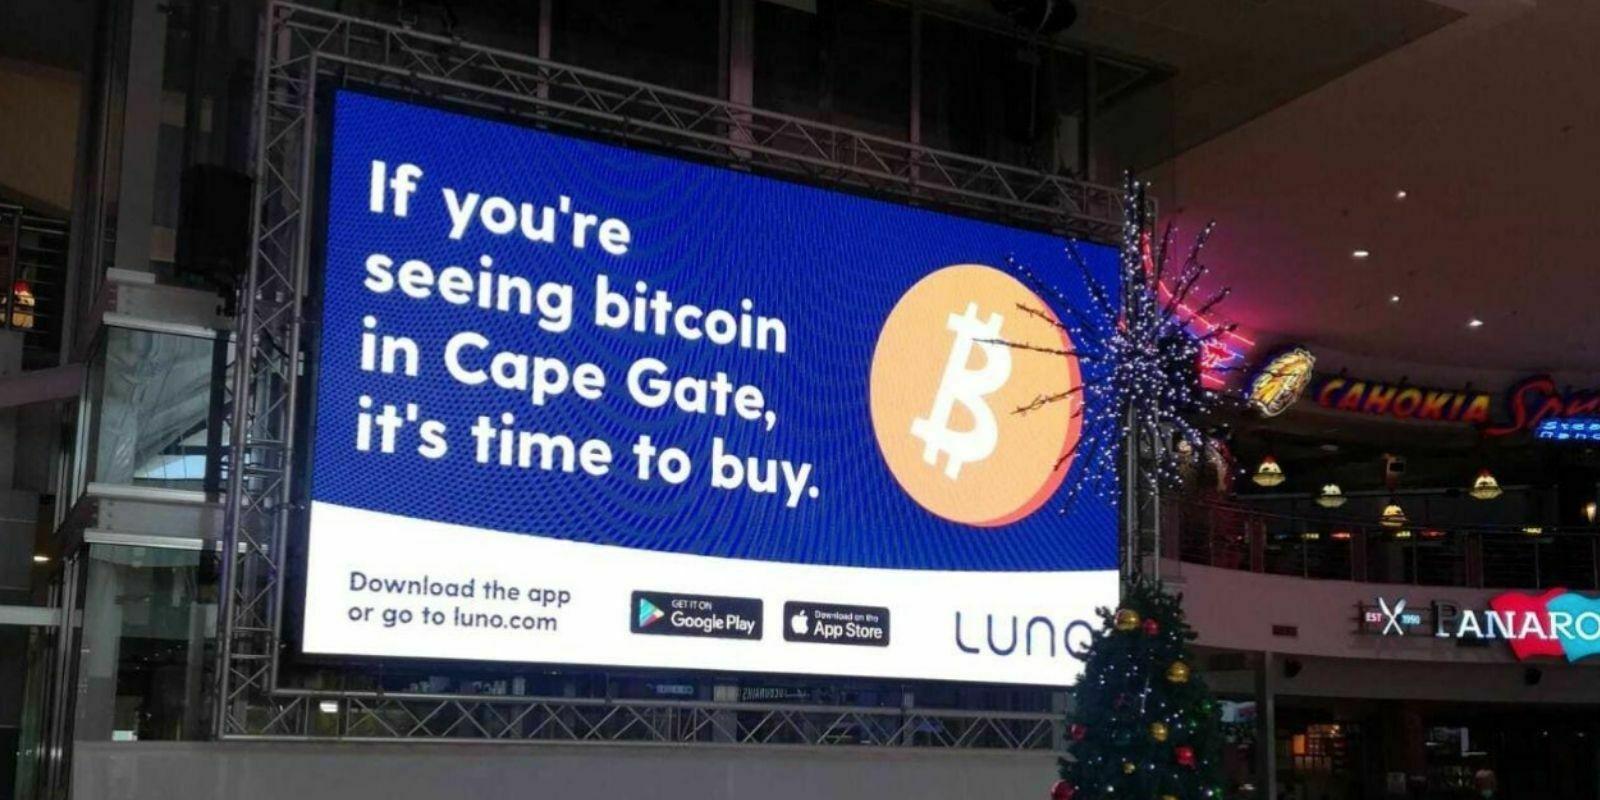 Deux exchanges inondent Londres de publicités sur le Bitcoin (BTC)